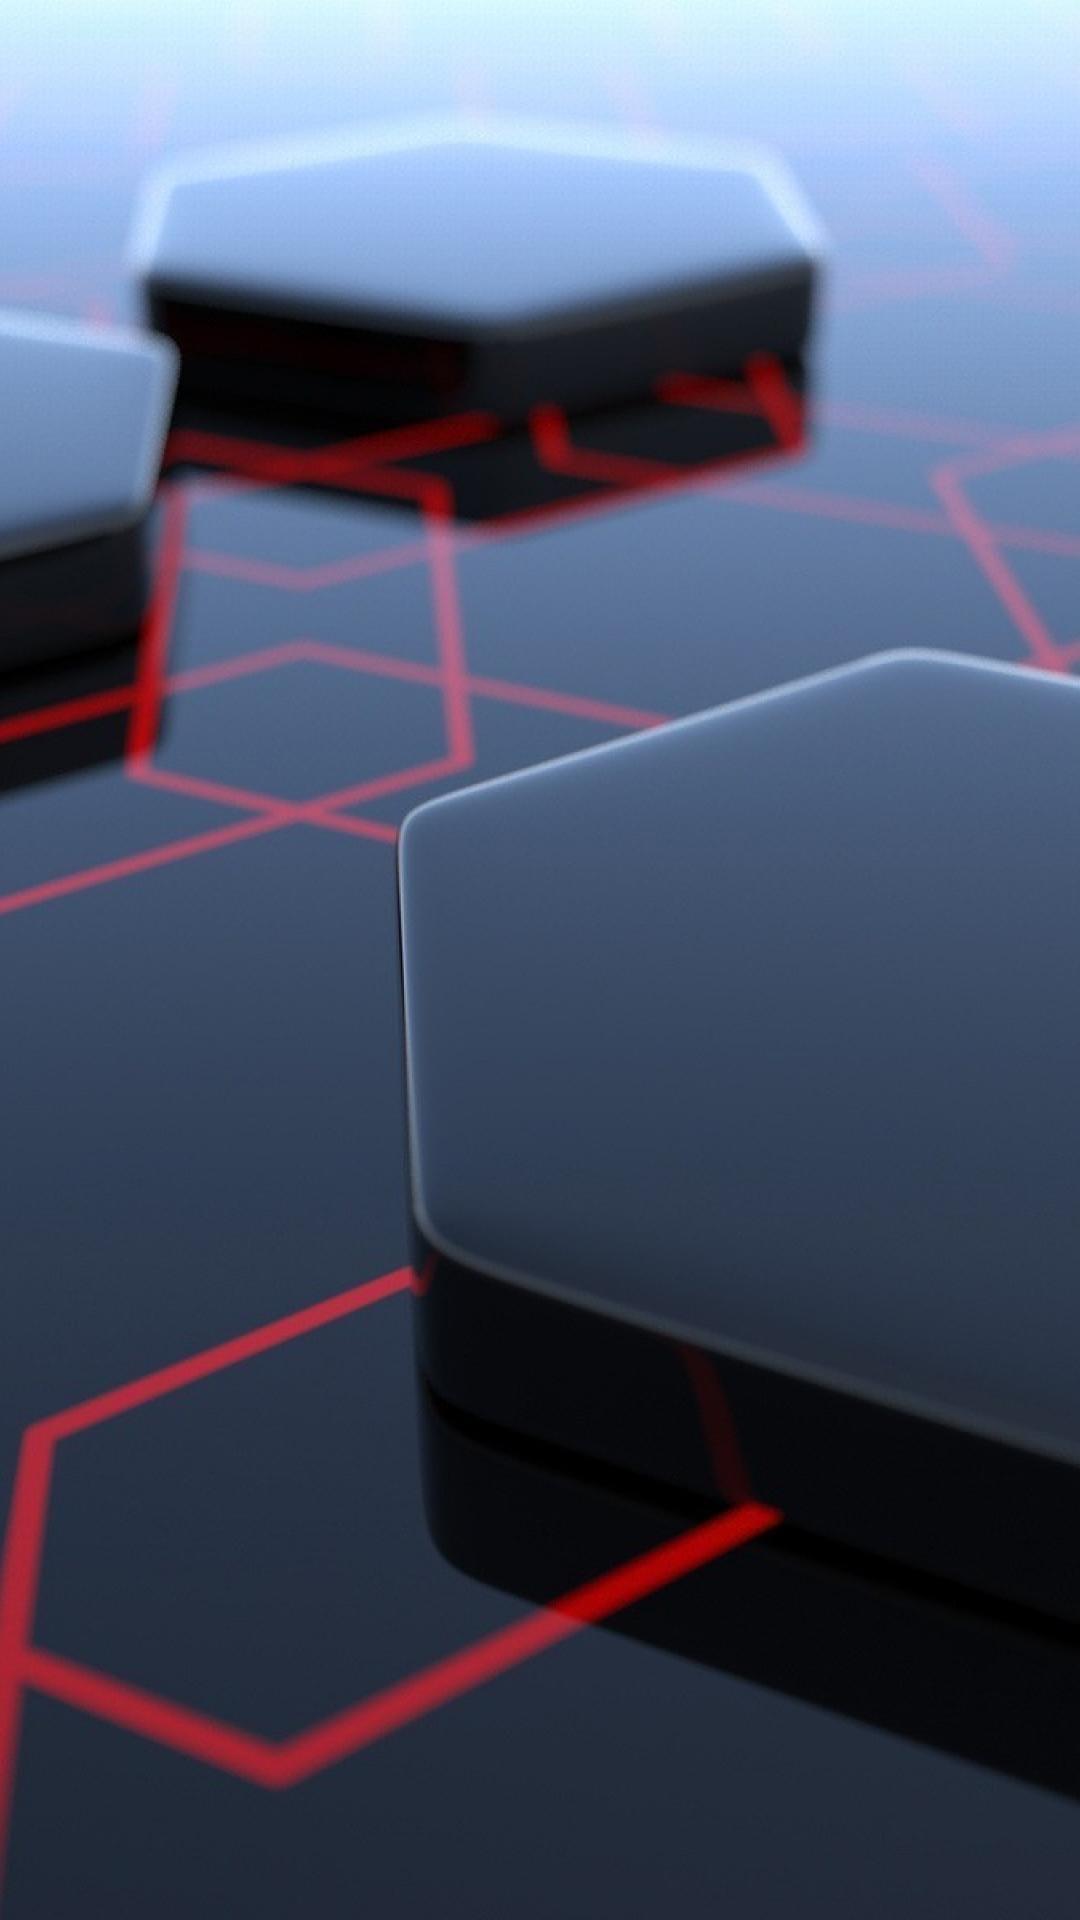 Fondos de pantalla para movil 3d